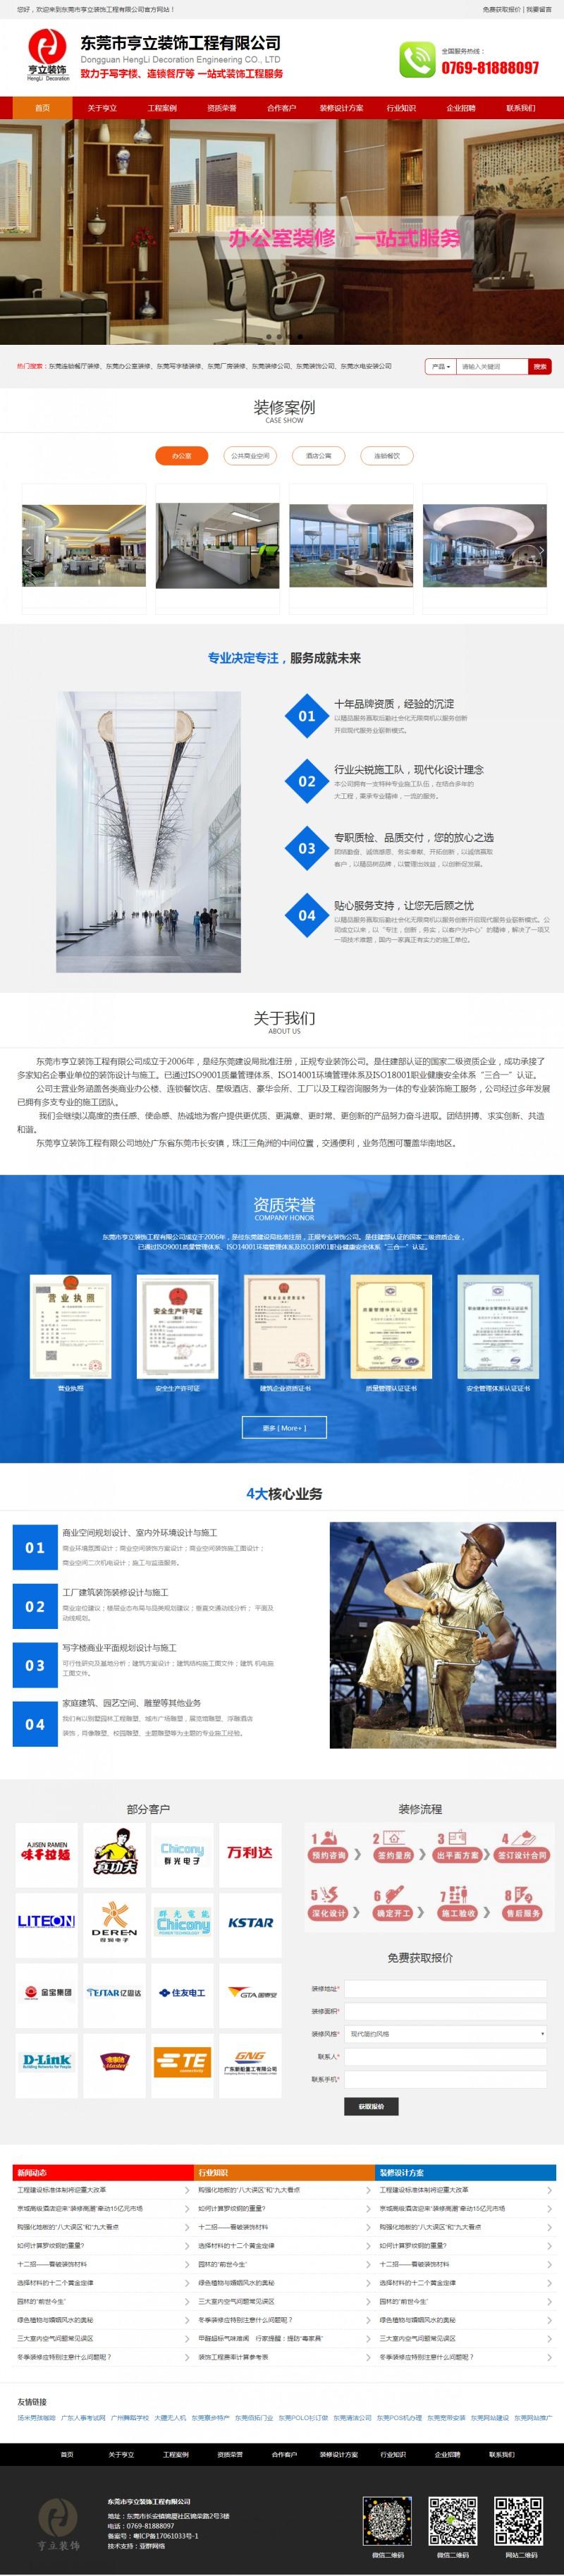 裝飾/裝修公司網站建設案例